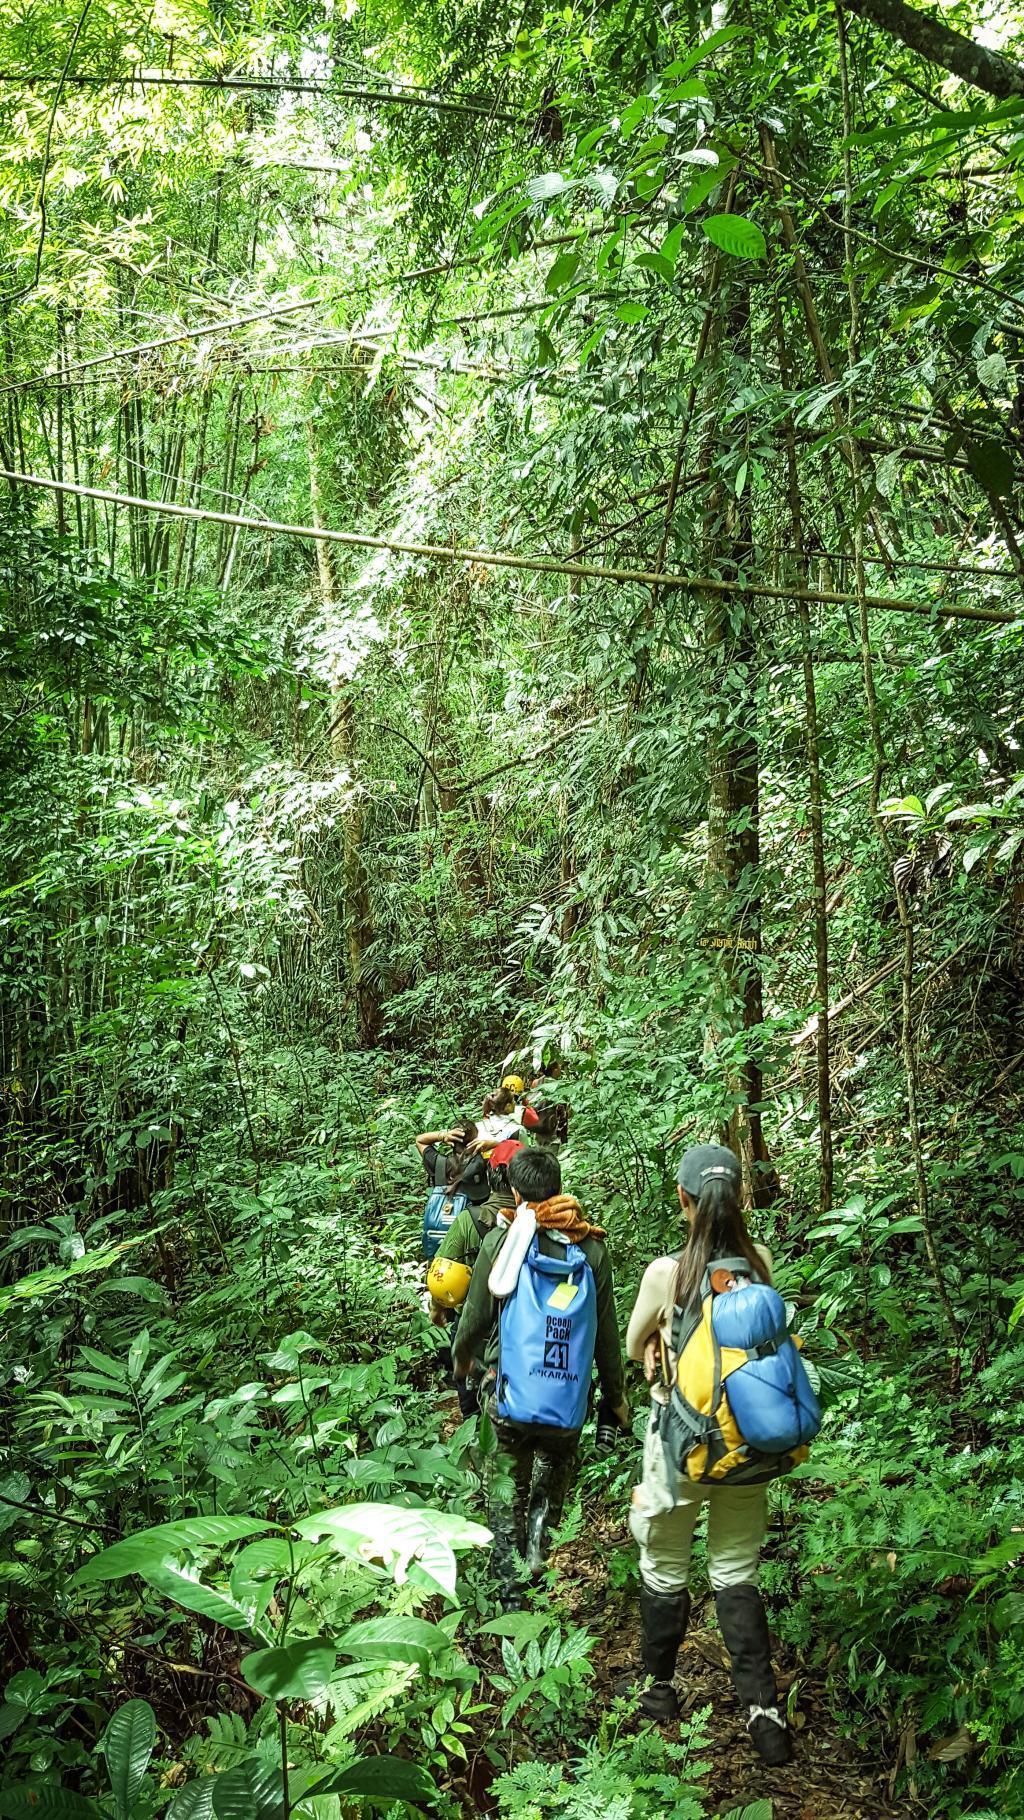 เส้นทางเดินเข้าป่าพะโต๊ะ